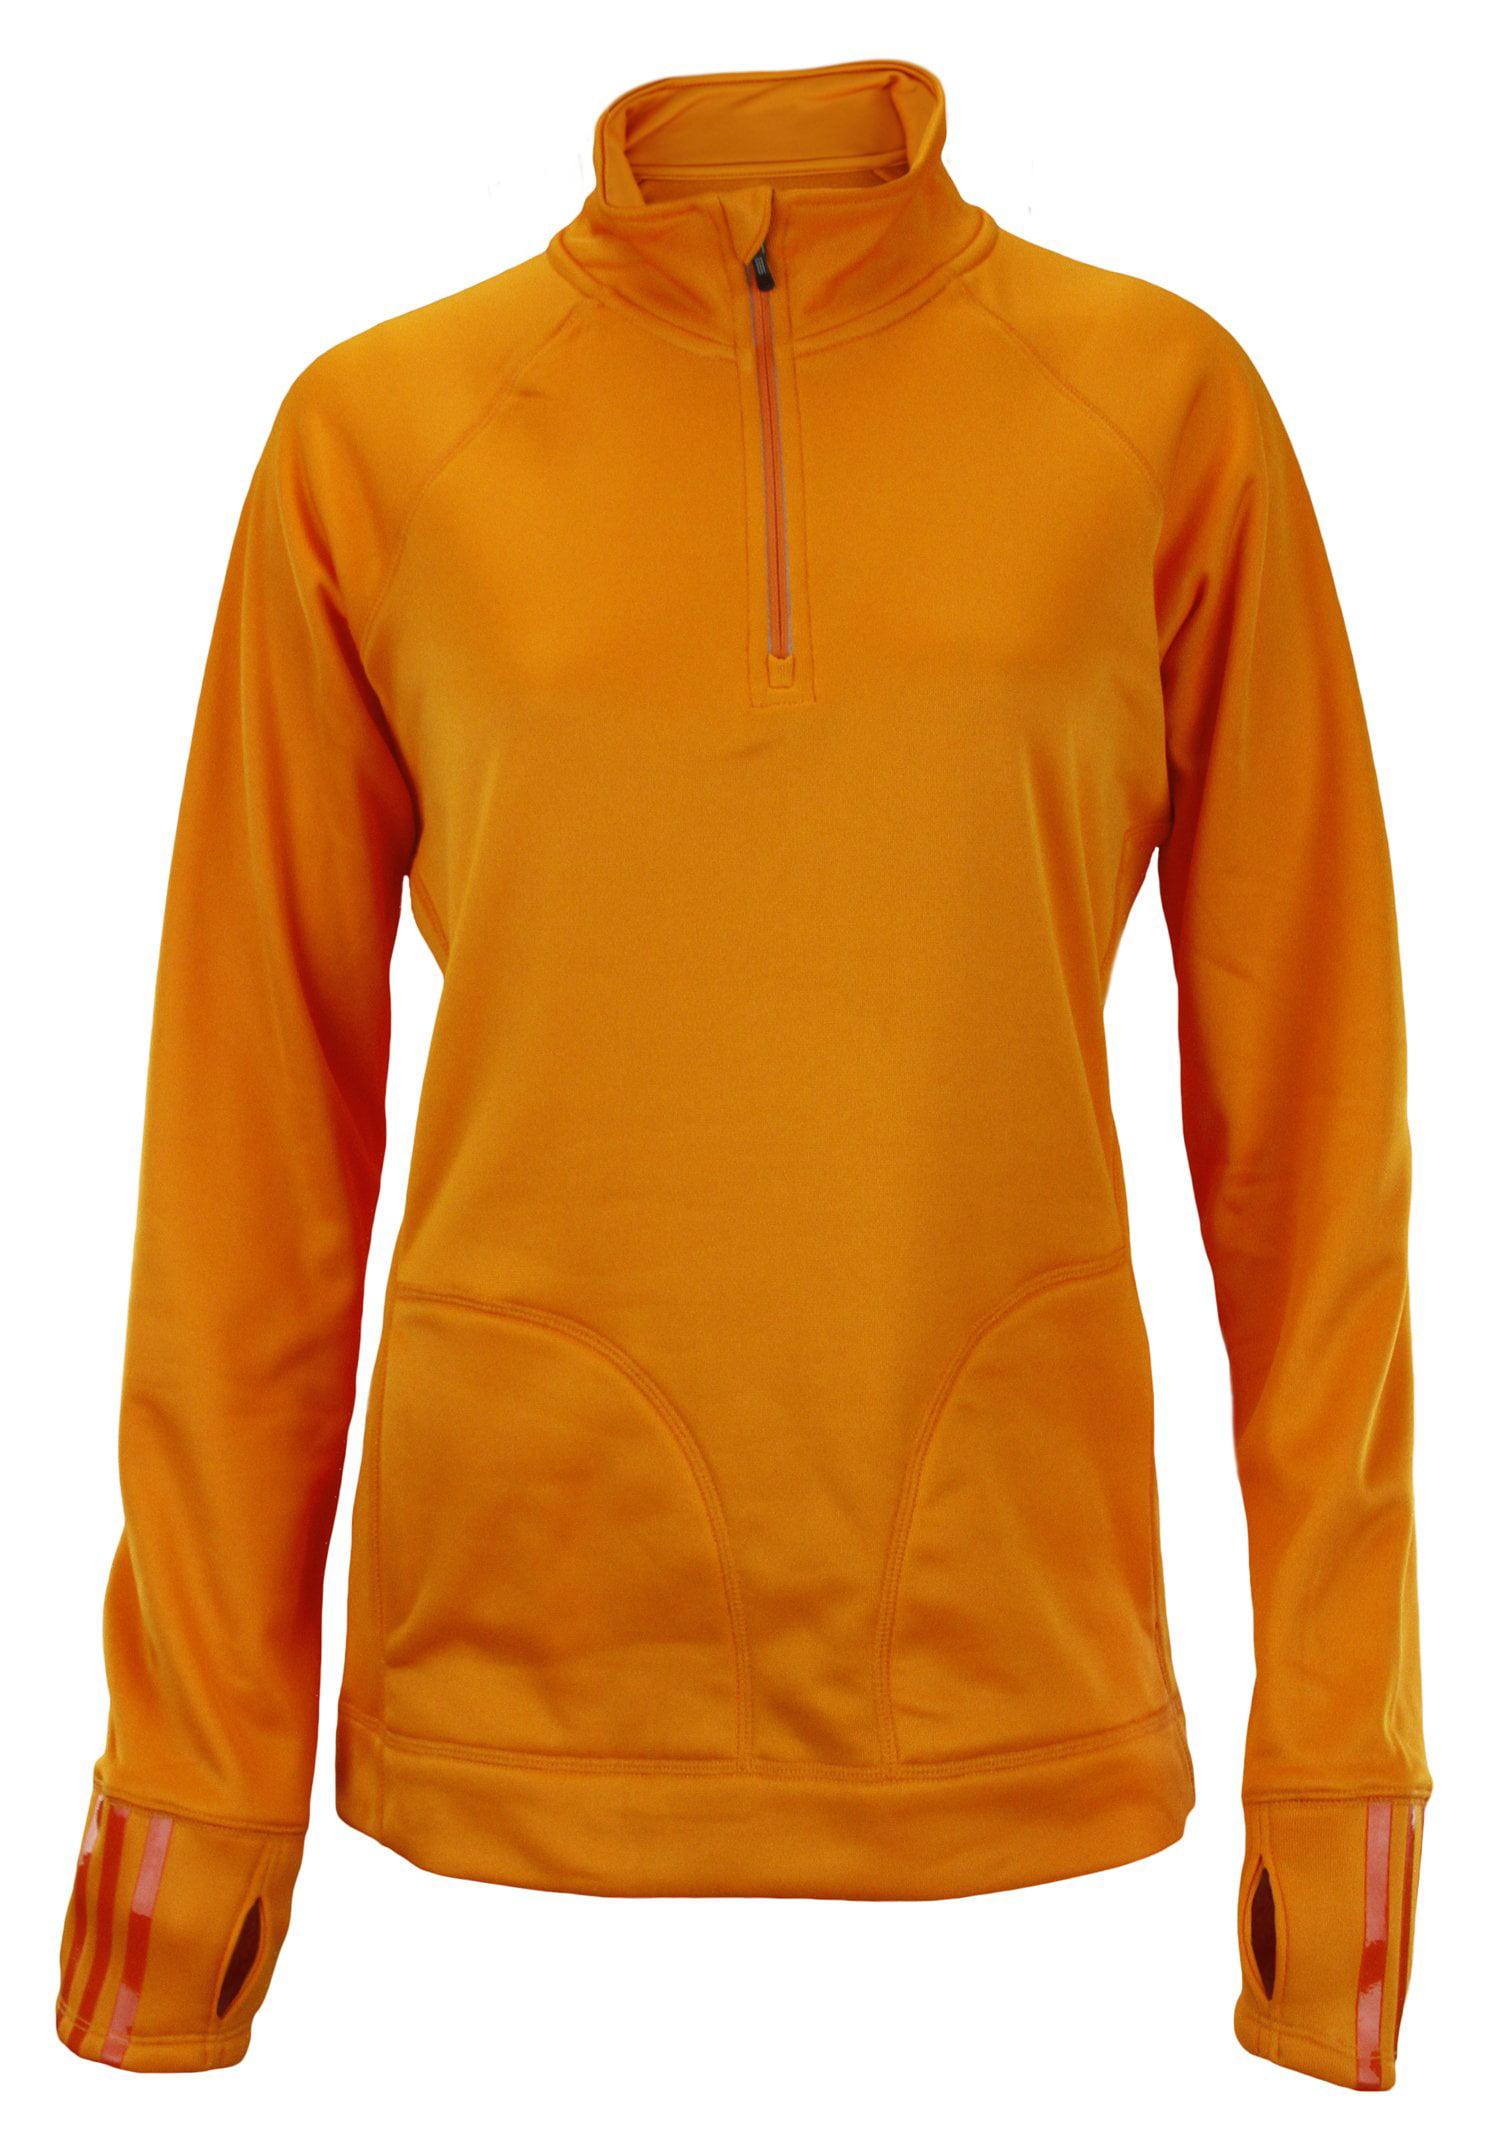 Adidas Women's 1/4 Zip Training Track Jacket - Orange & Blue